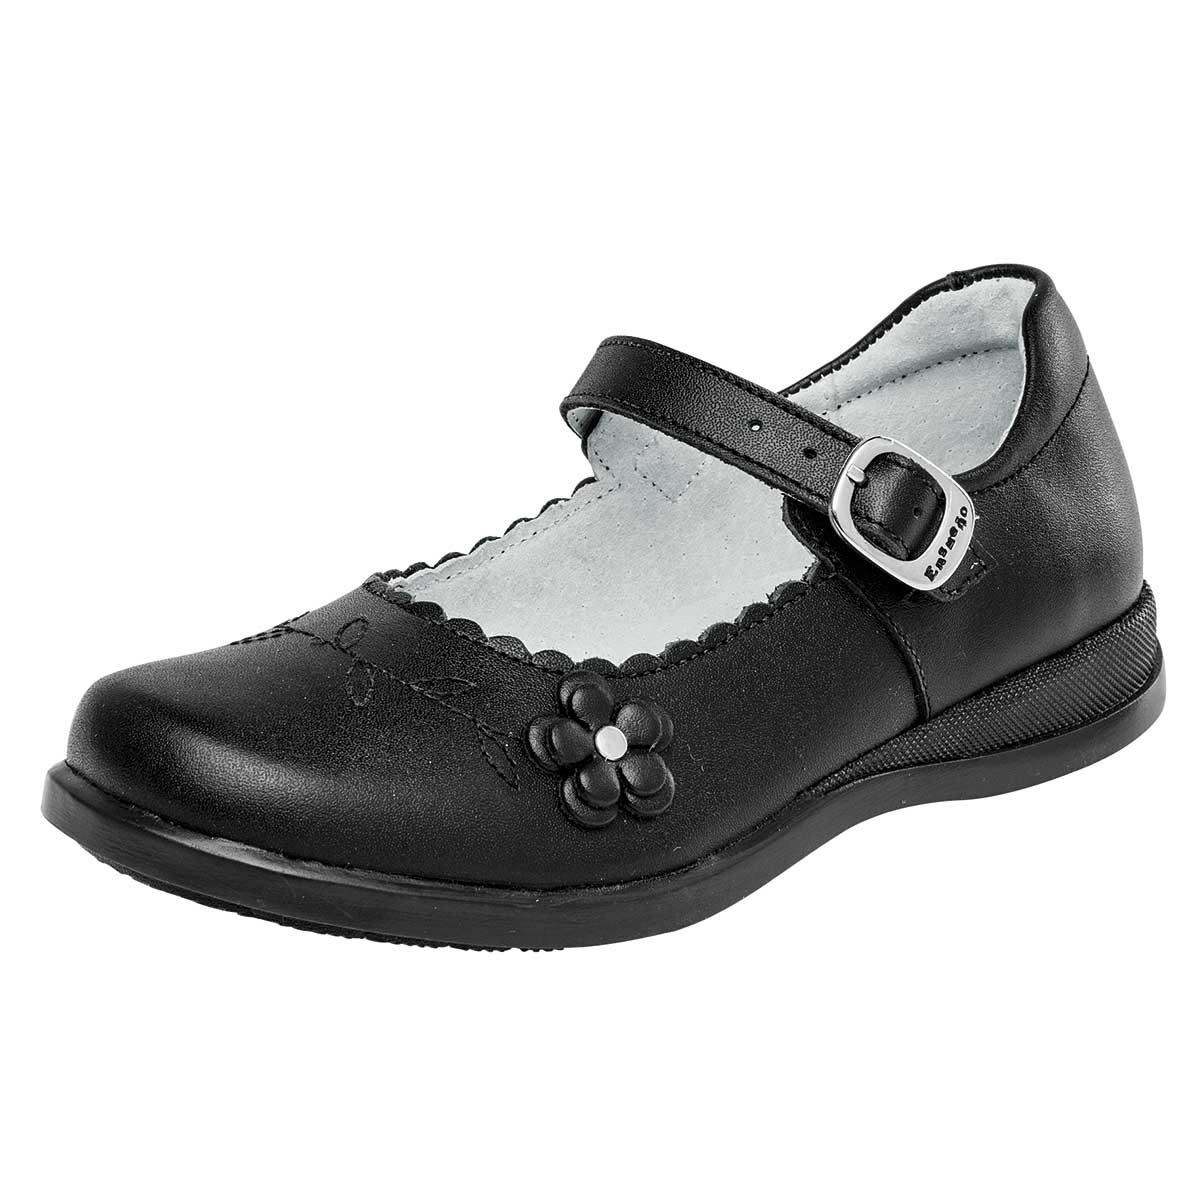 64de843771 zapato escolar para niña ensueño piel 8504-25 + envio dgt. Cargando zoom.